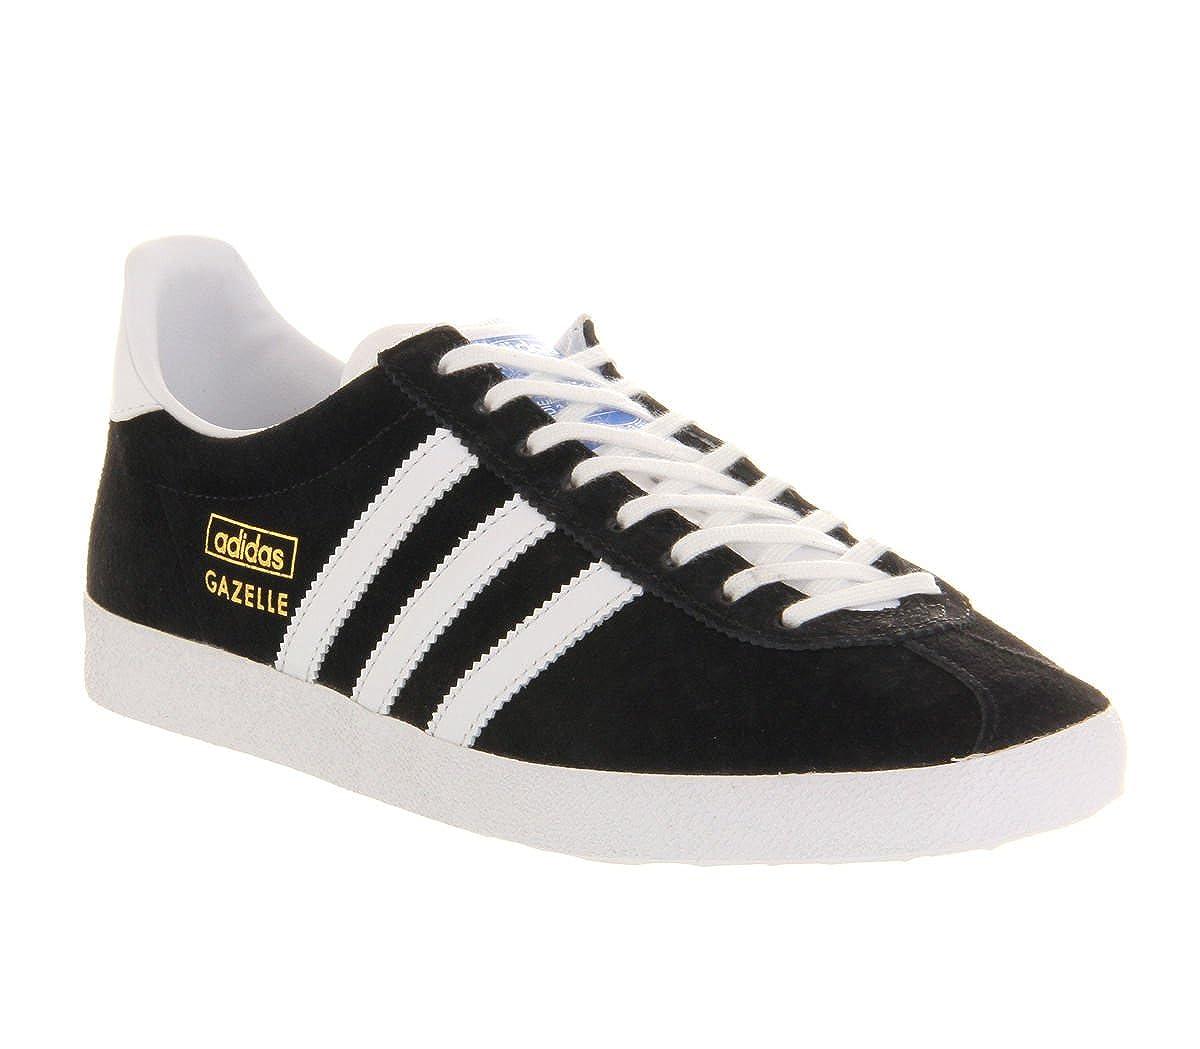 NEW Adidas Originals Men's Gazelle OG Vintage Suede Leather